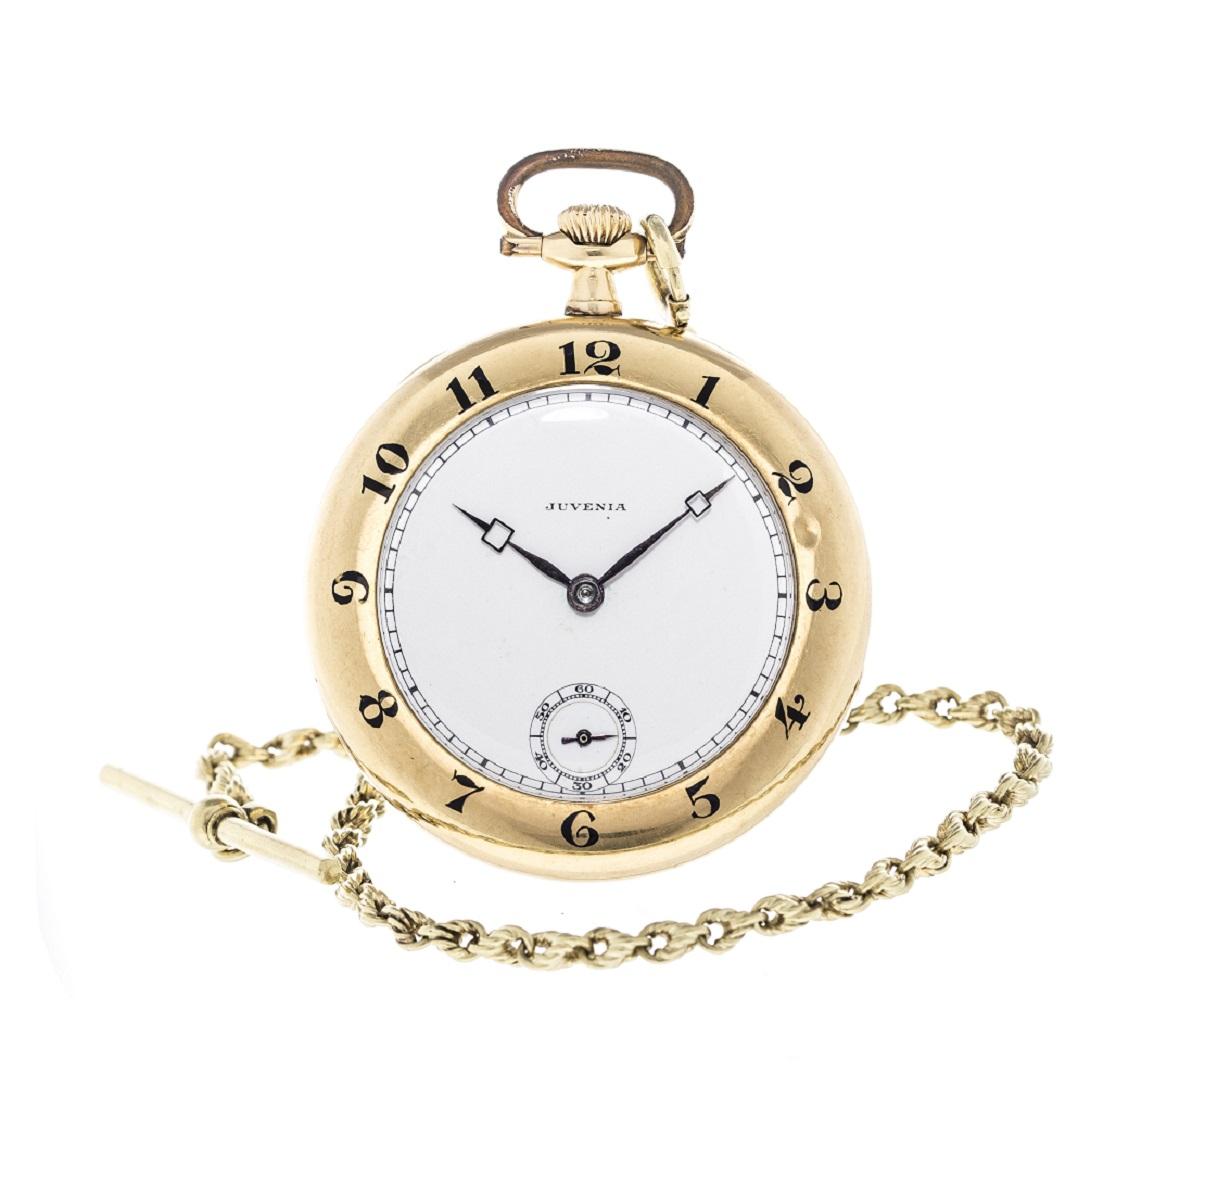 JUVENIA ジュベニア 懐中時計 アンティーク Antique YG 送料無料 【トレジャースポット】【中古】